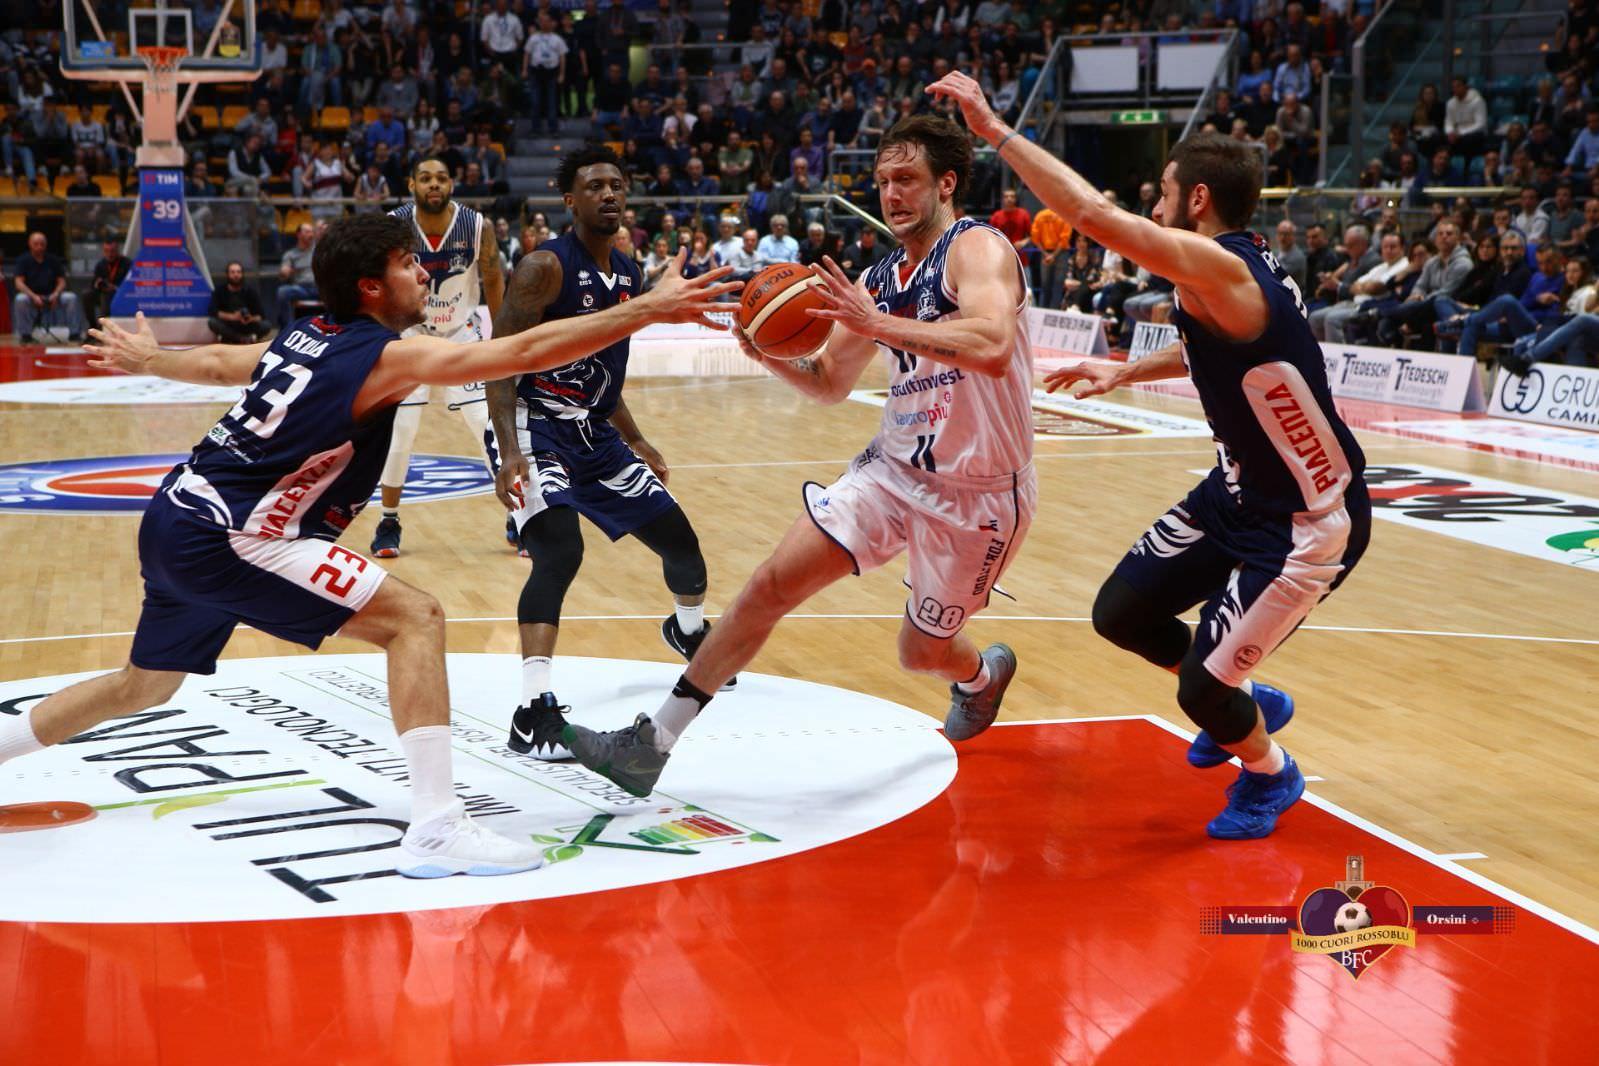 La Fortitudo centra la terza vittoria consecutiva contro Piacenza - 15 Apr